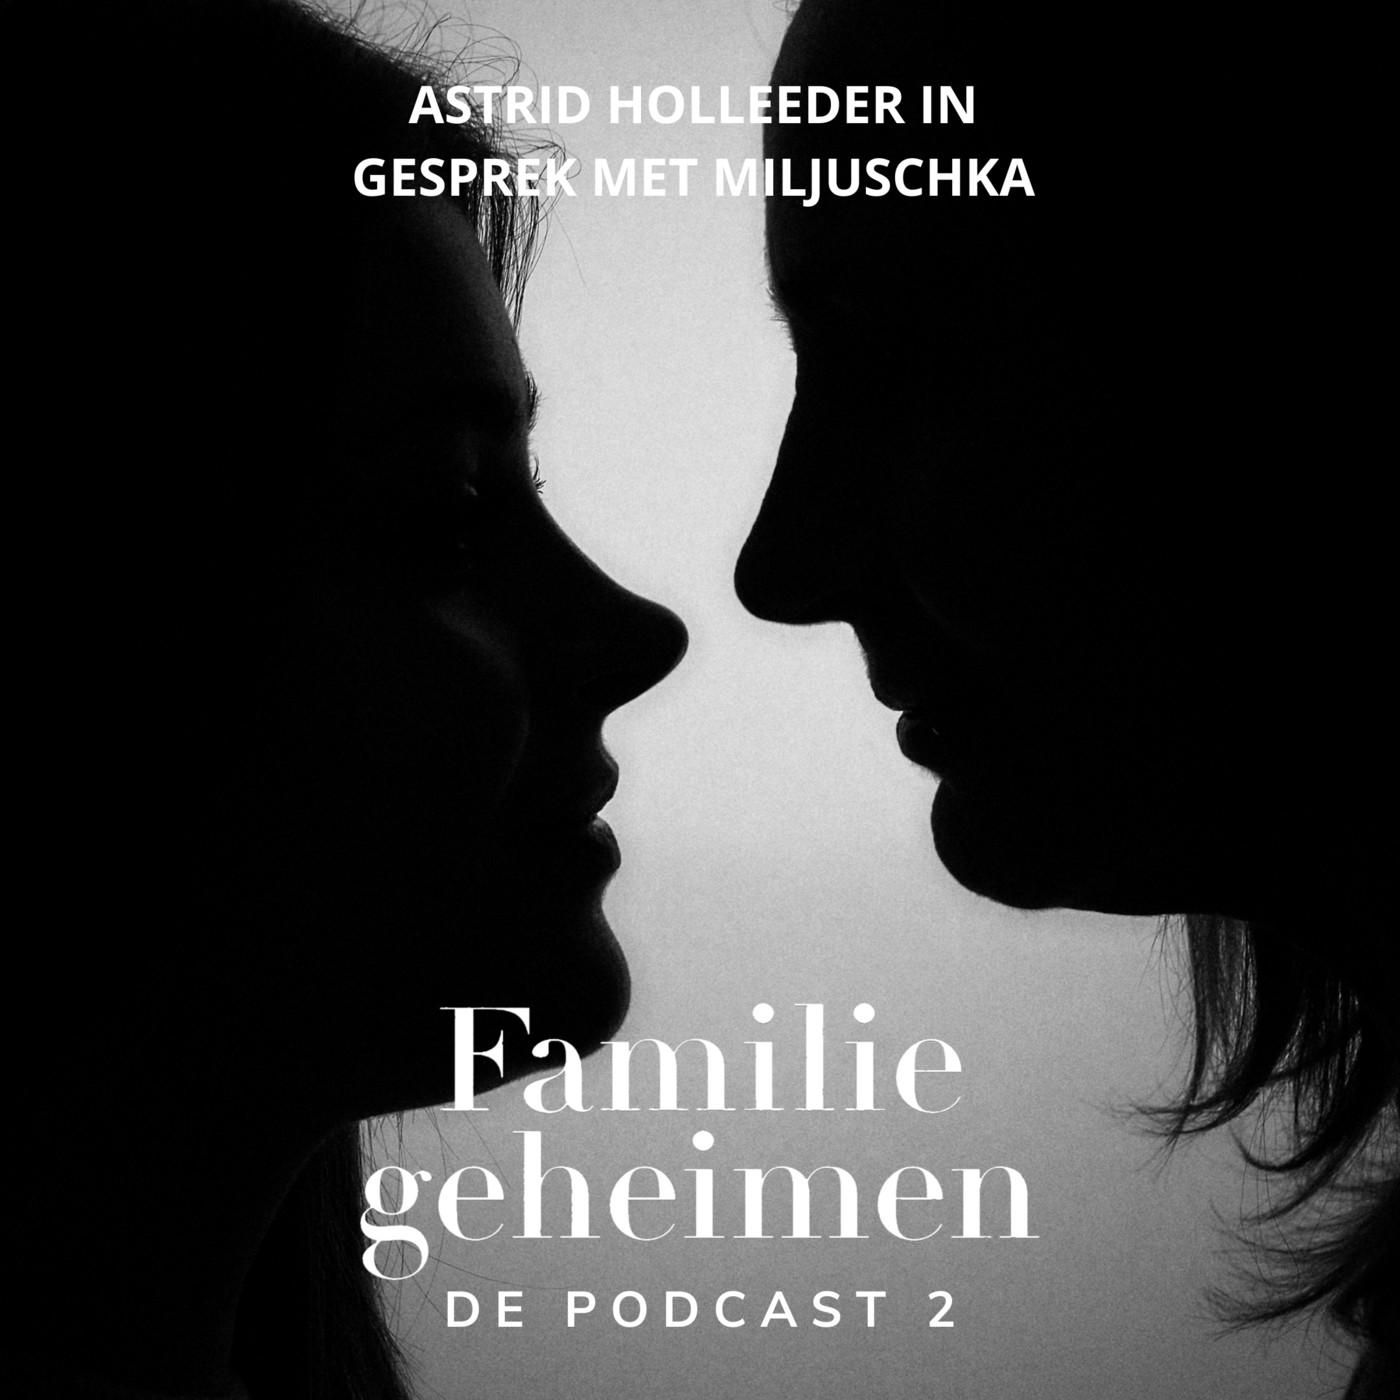 Familiegeheimen #2 - Astrid Holleeder in gesprek met Miljuschka